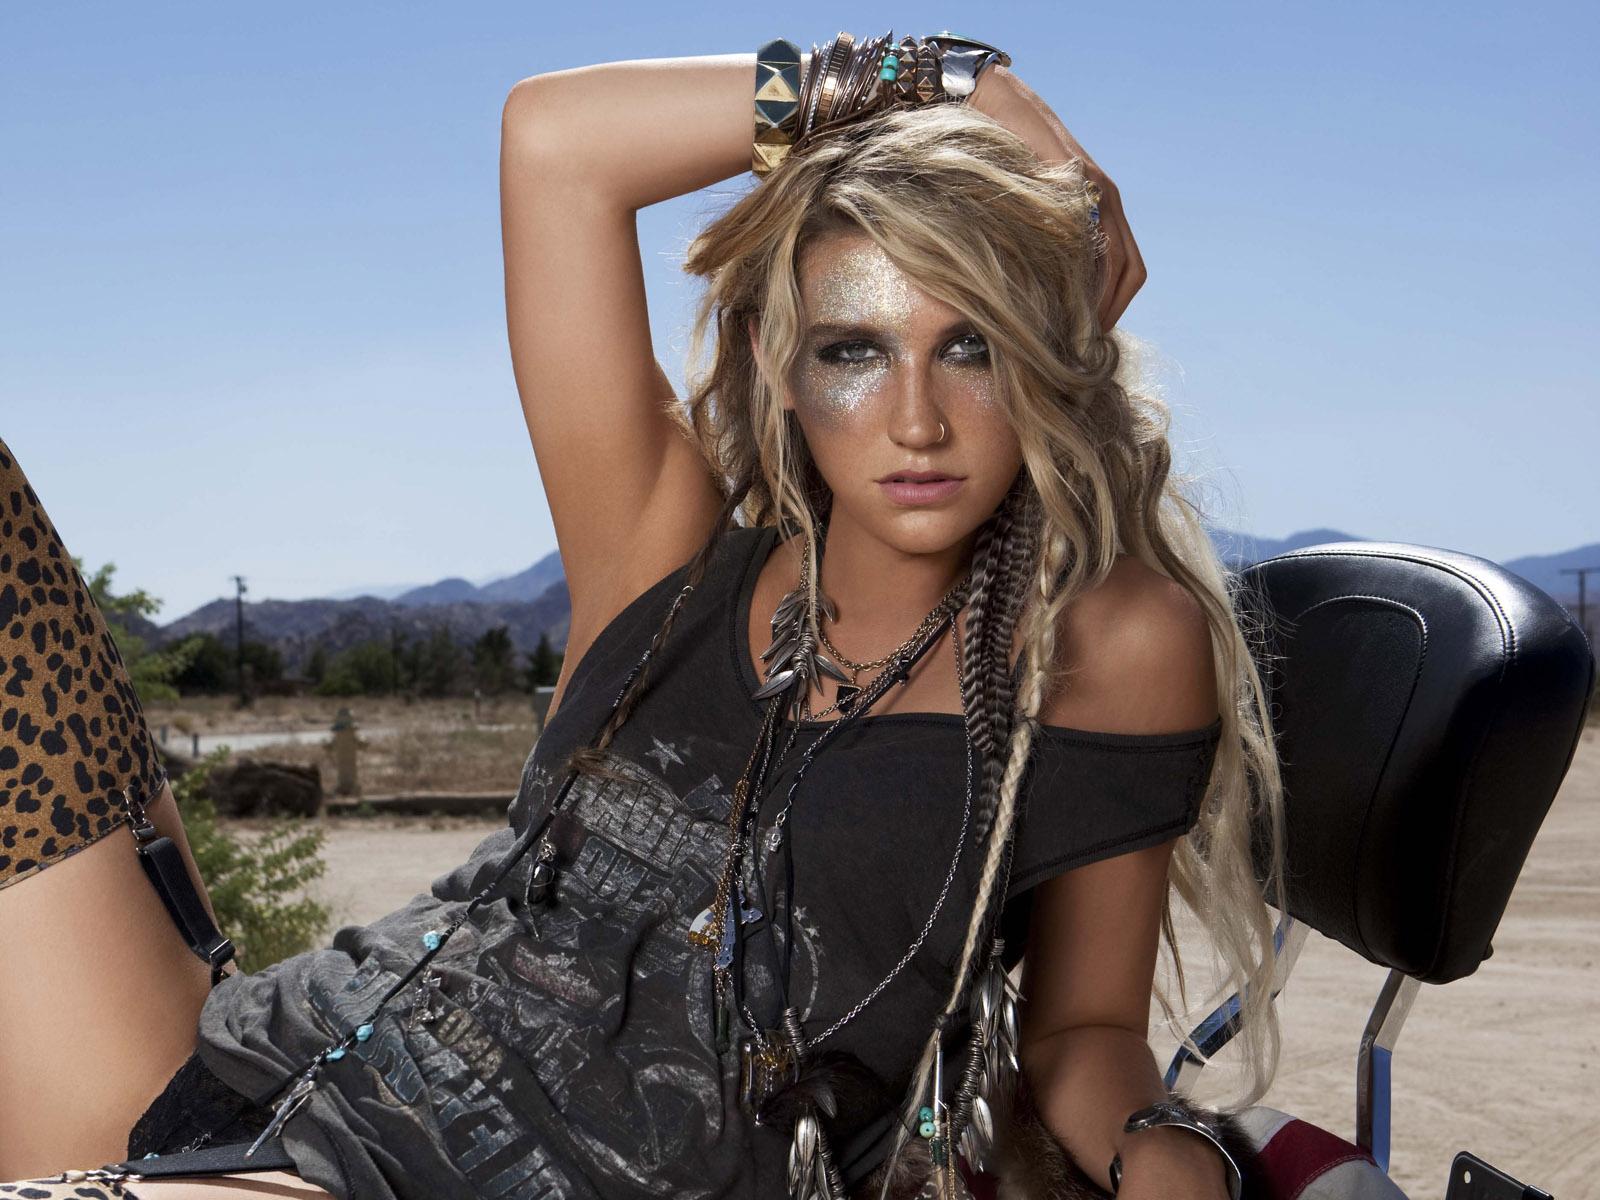 http://3.bp.blogspot.com/_SaLuNi2zsXc/TS-pp61KciI/AAAAAAAAB6A/DUs07dkGf88/s1600/Kesha-Wallpaper-2.jpg